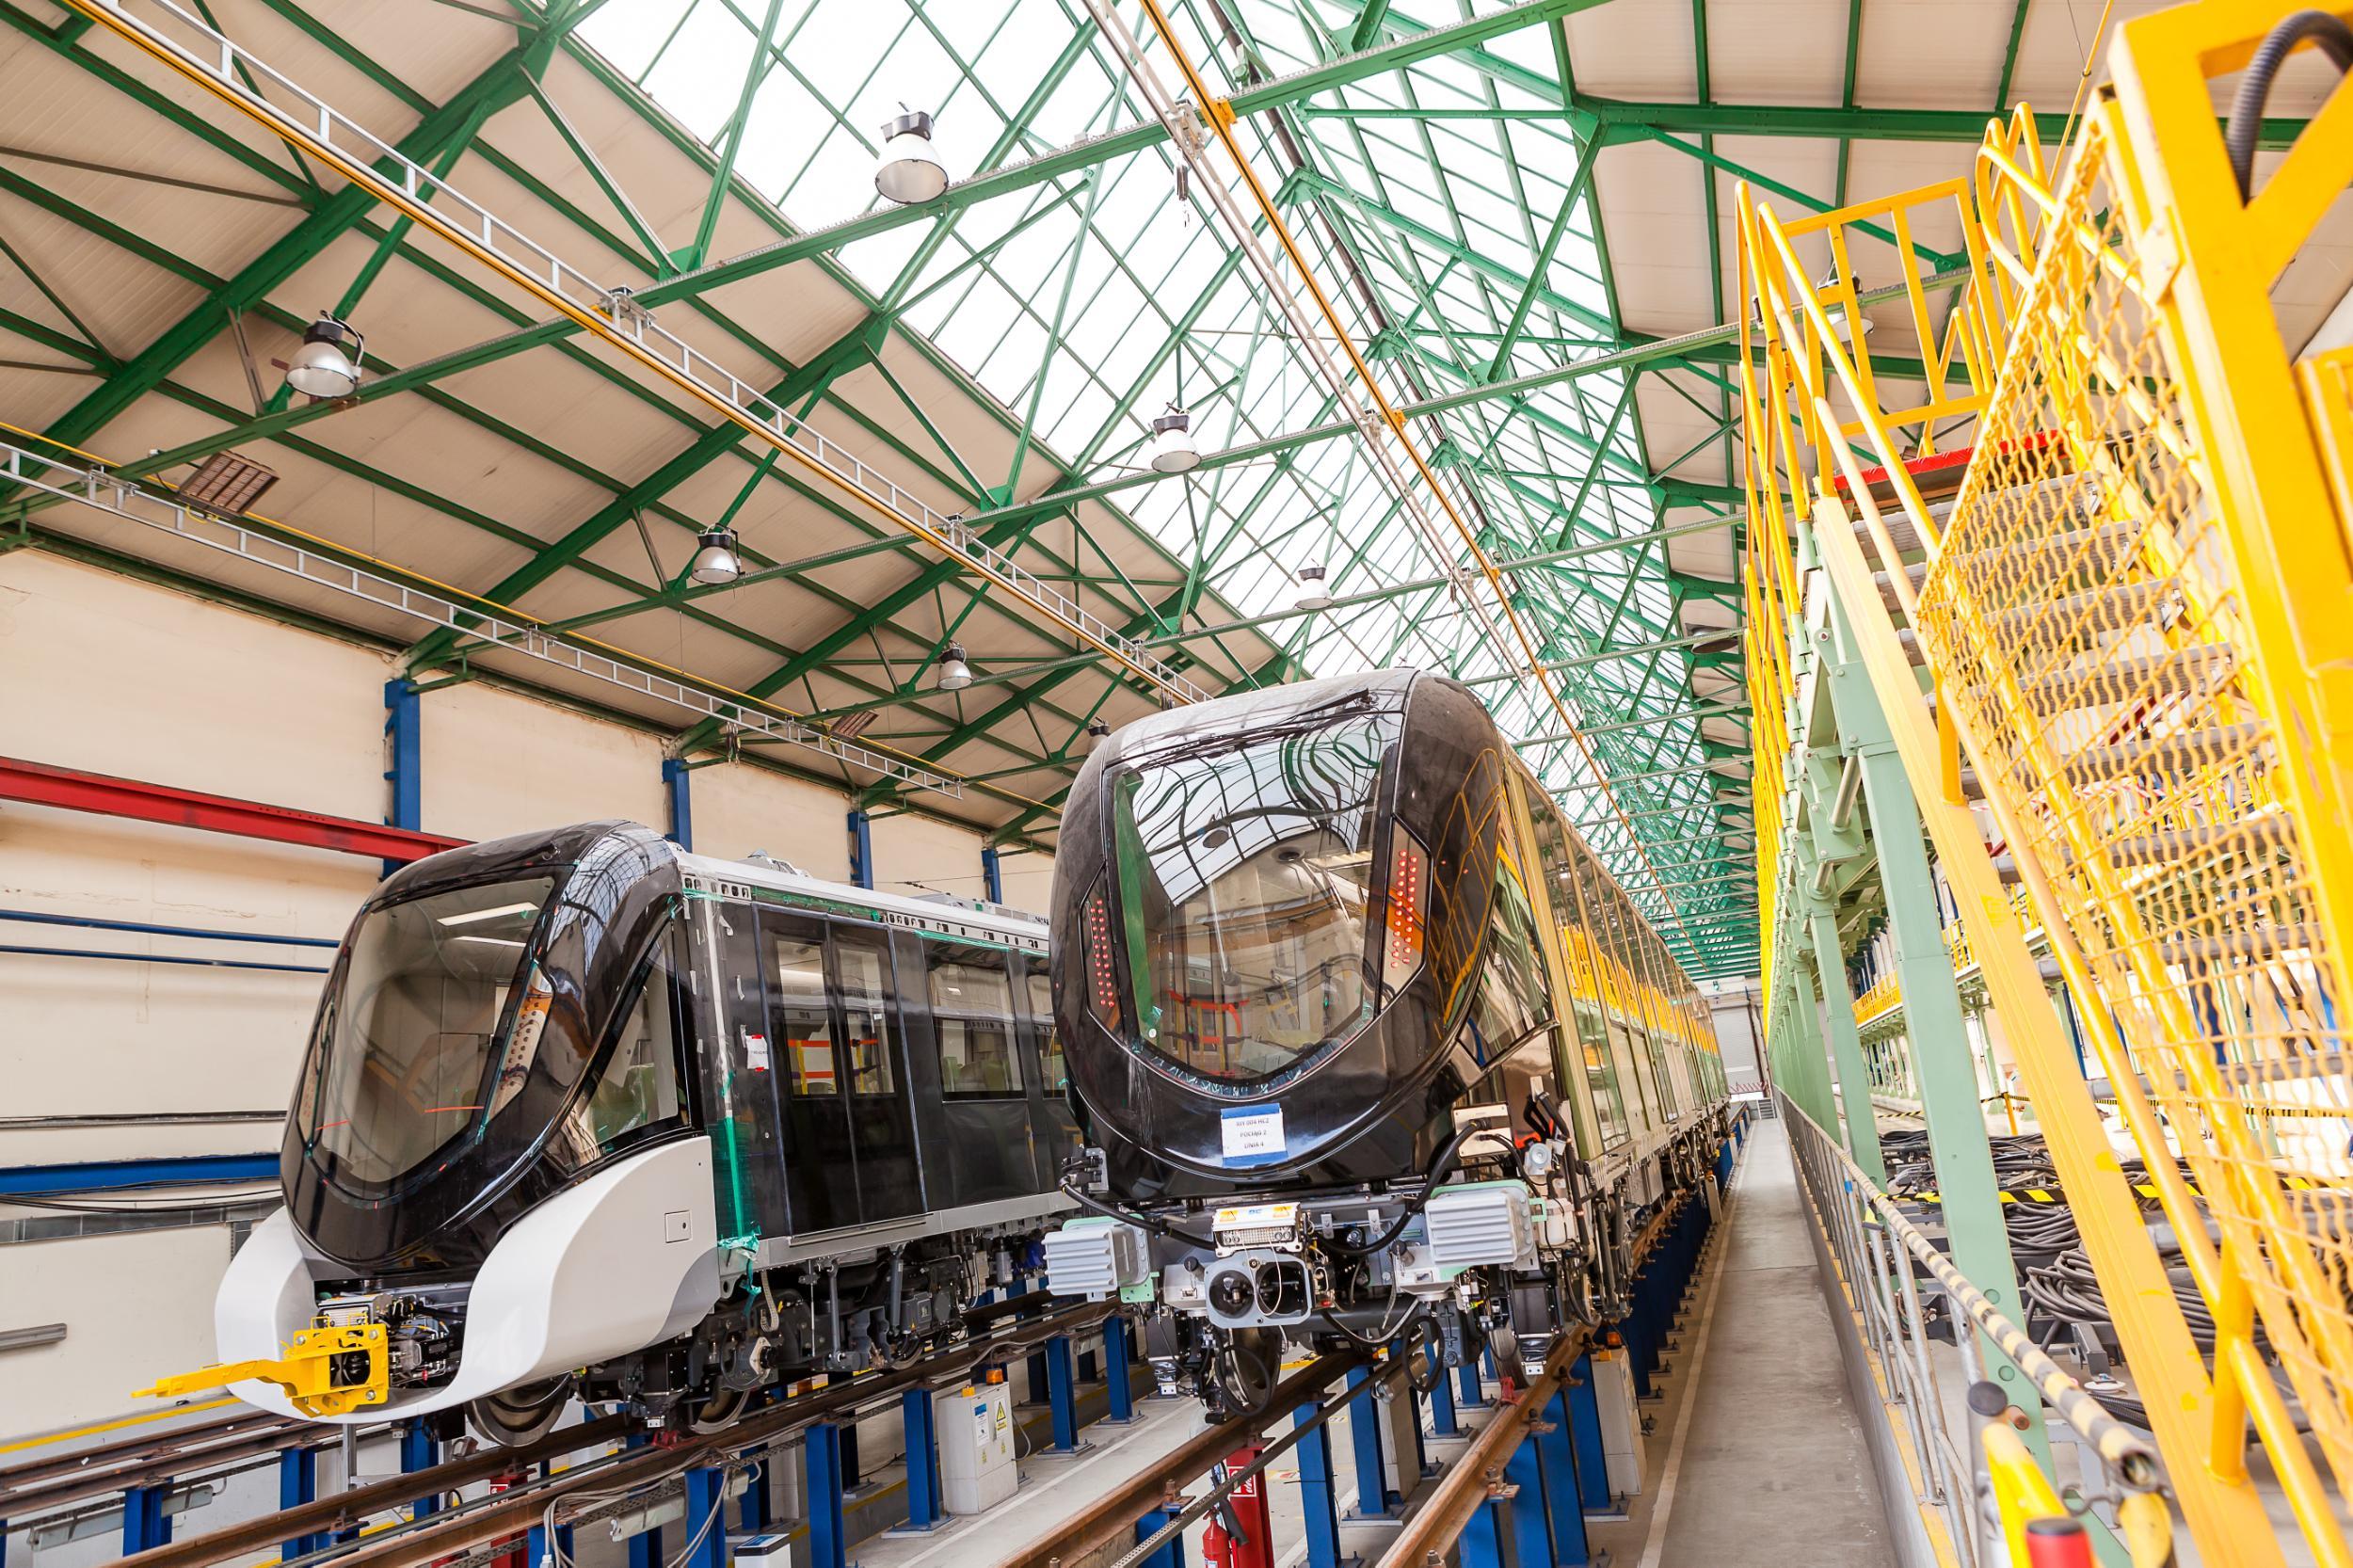 Alstom in Saudia Arabia